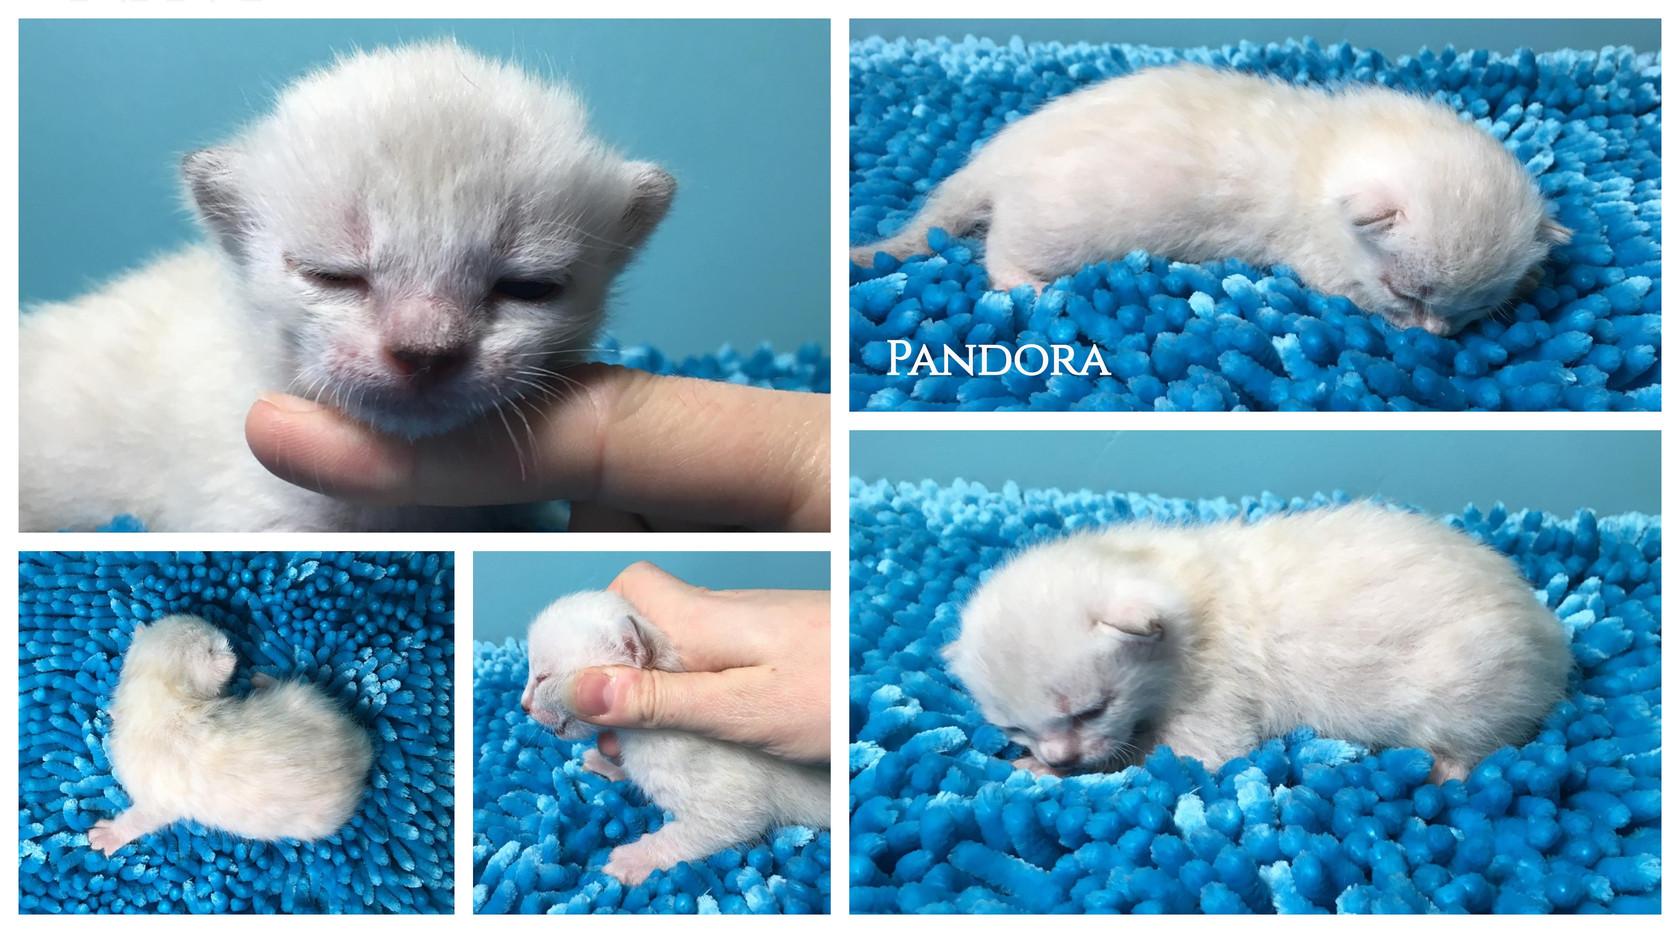 Pandora 2 weeks.jpg